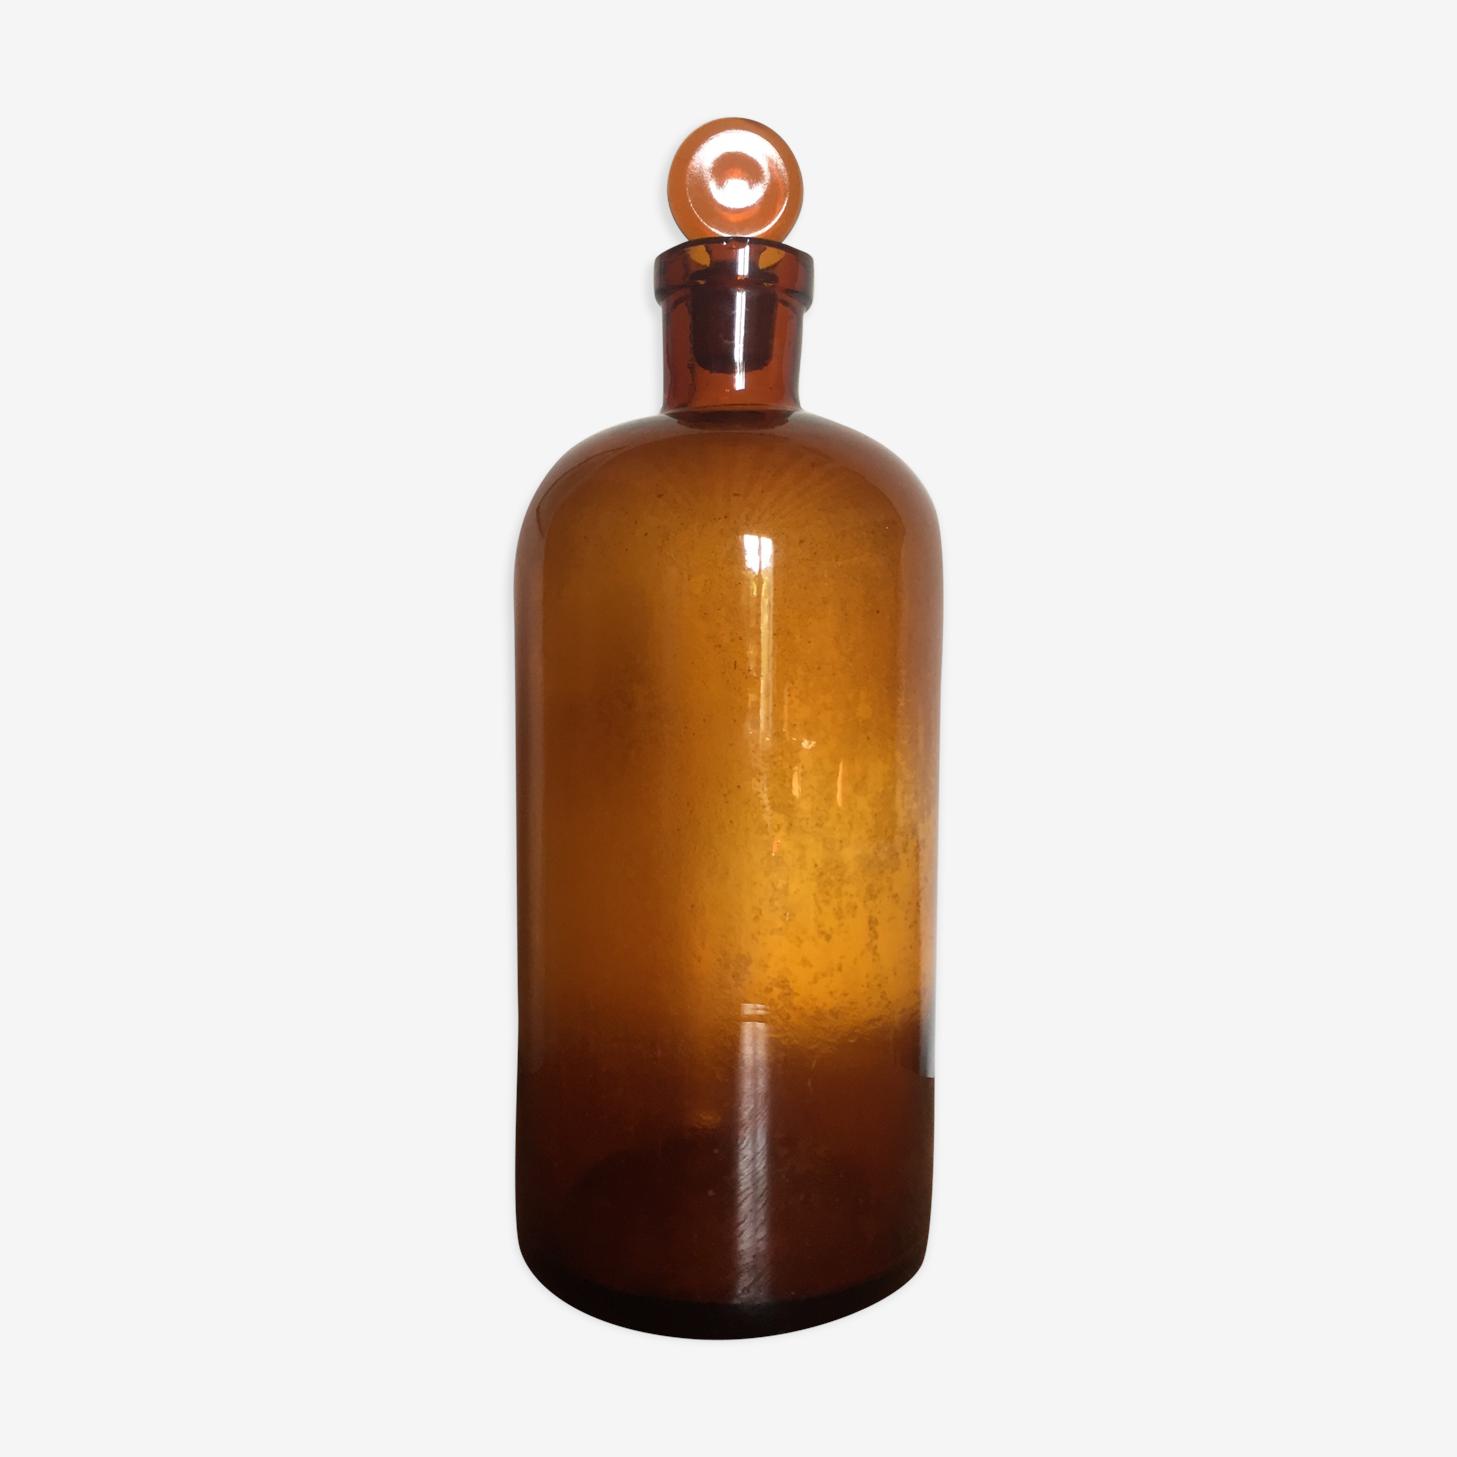 Flacon d'apothicaire verre ambré